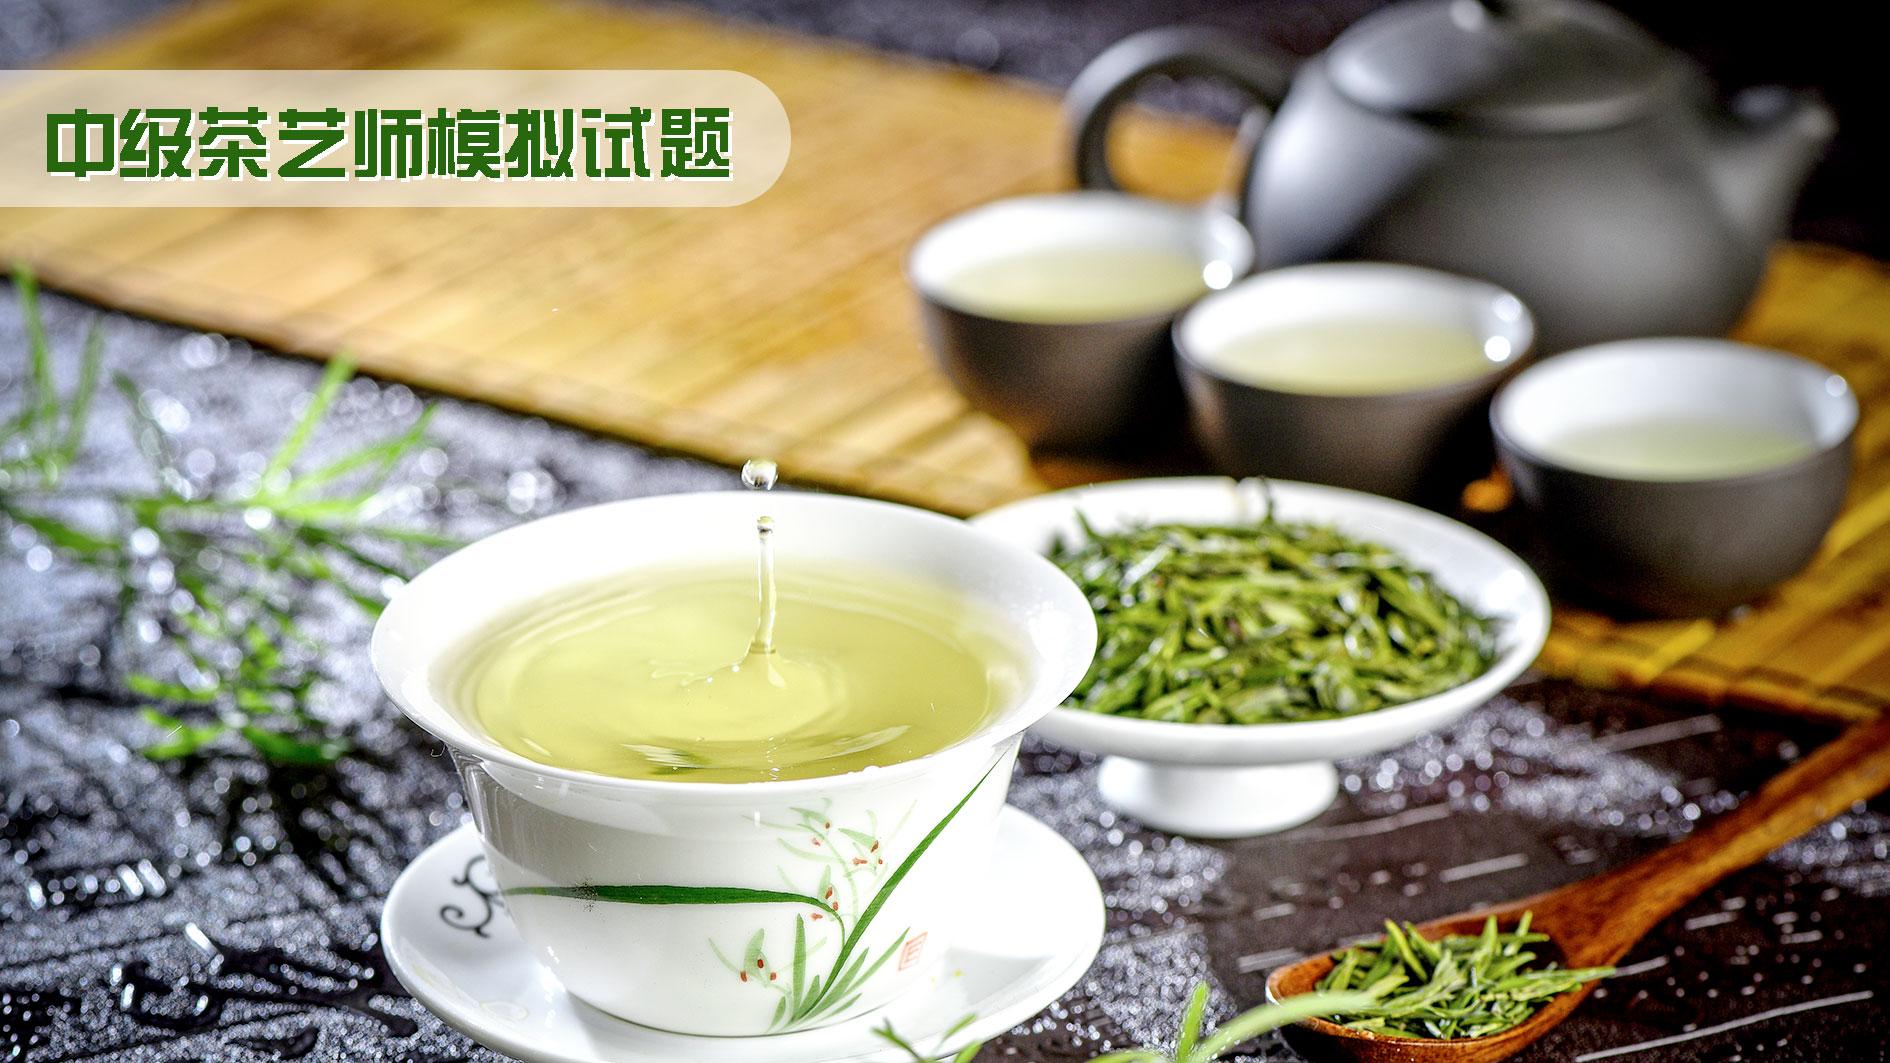 广州茶艺师培训班